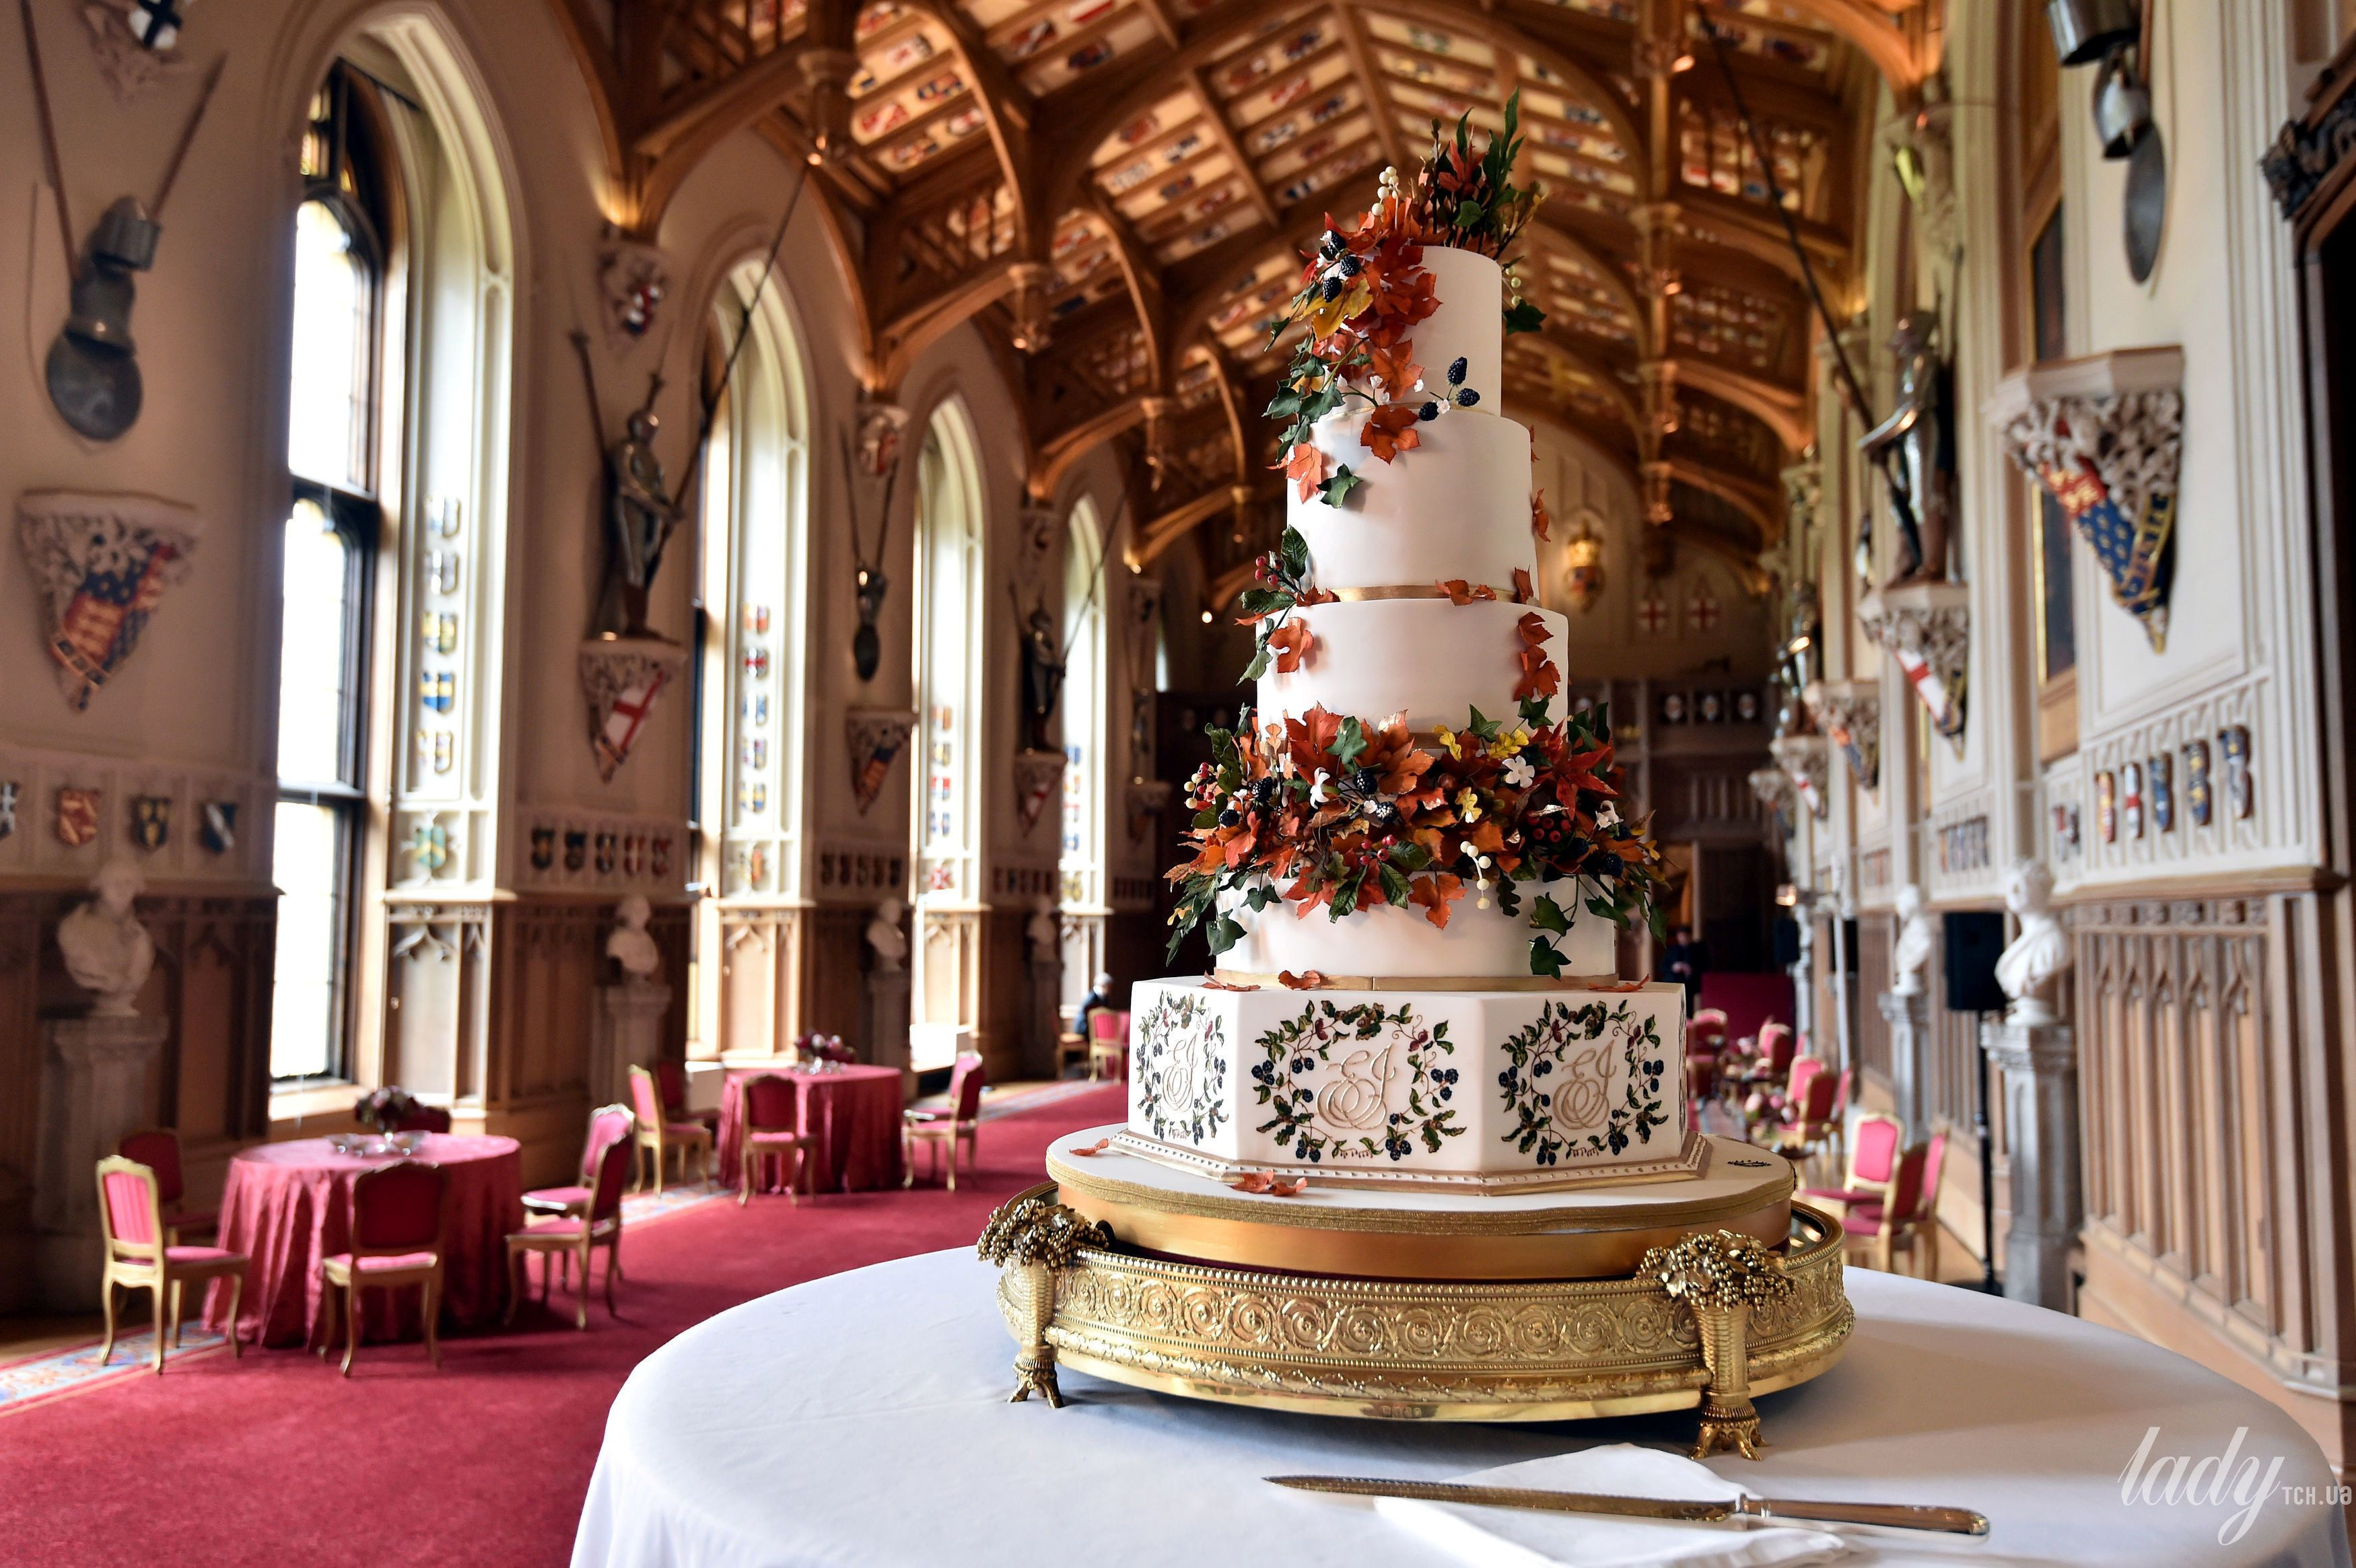 Торт на королевской свадьбе_2